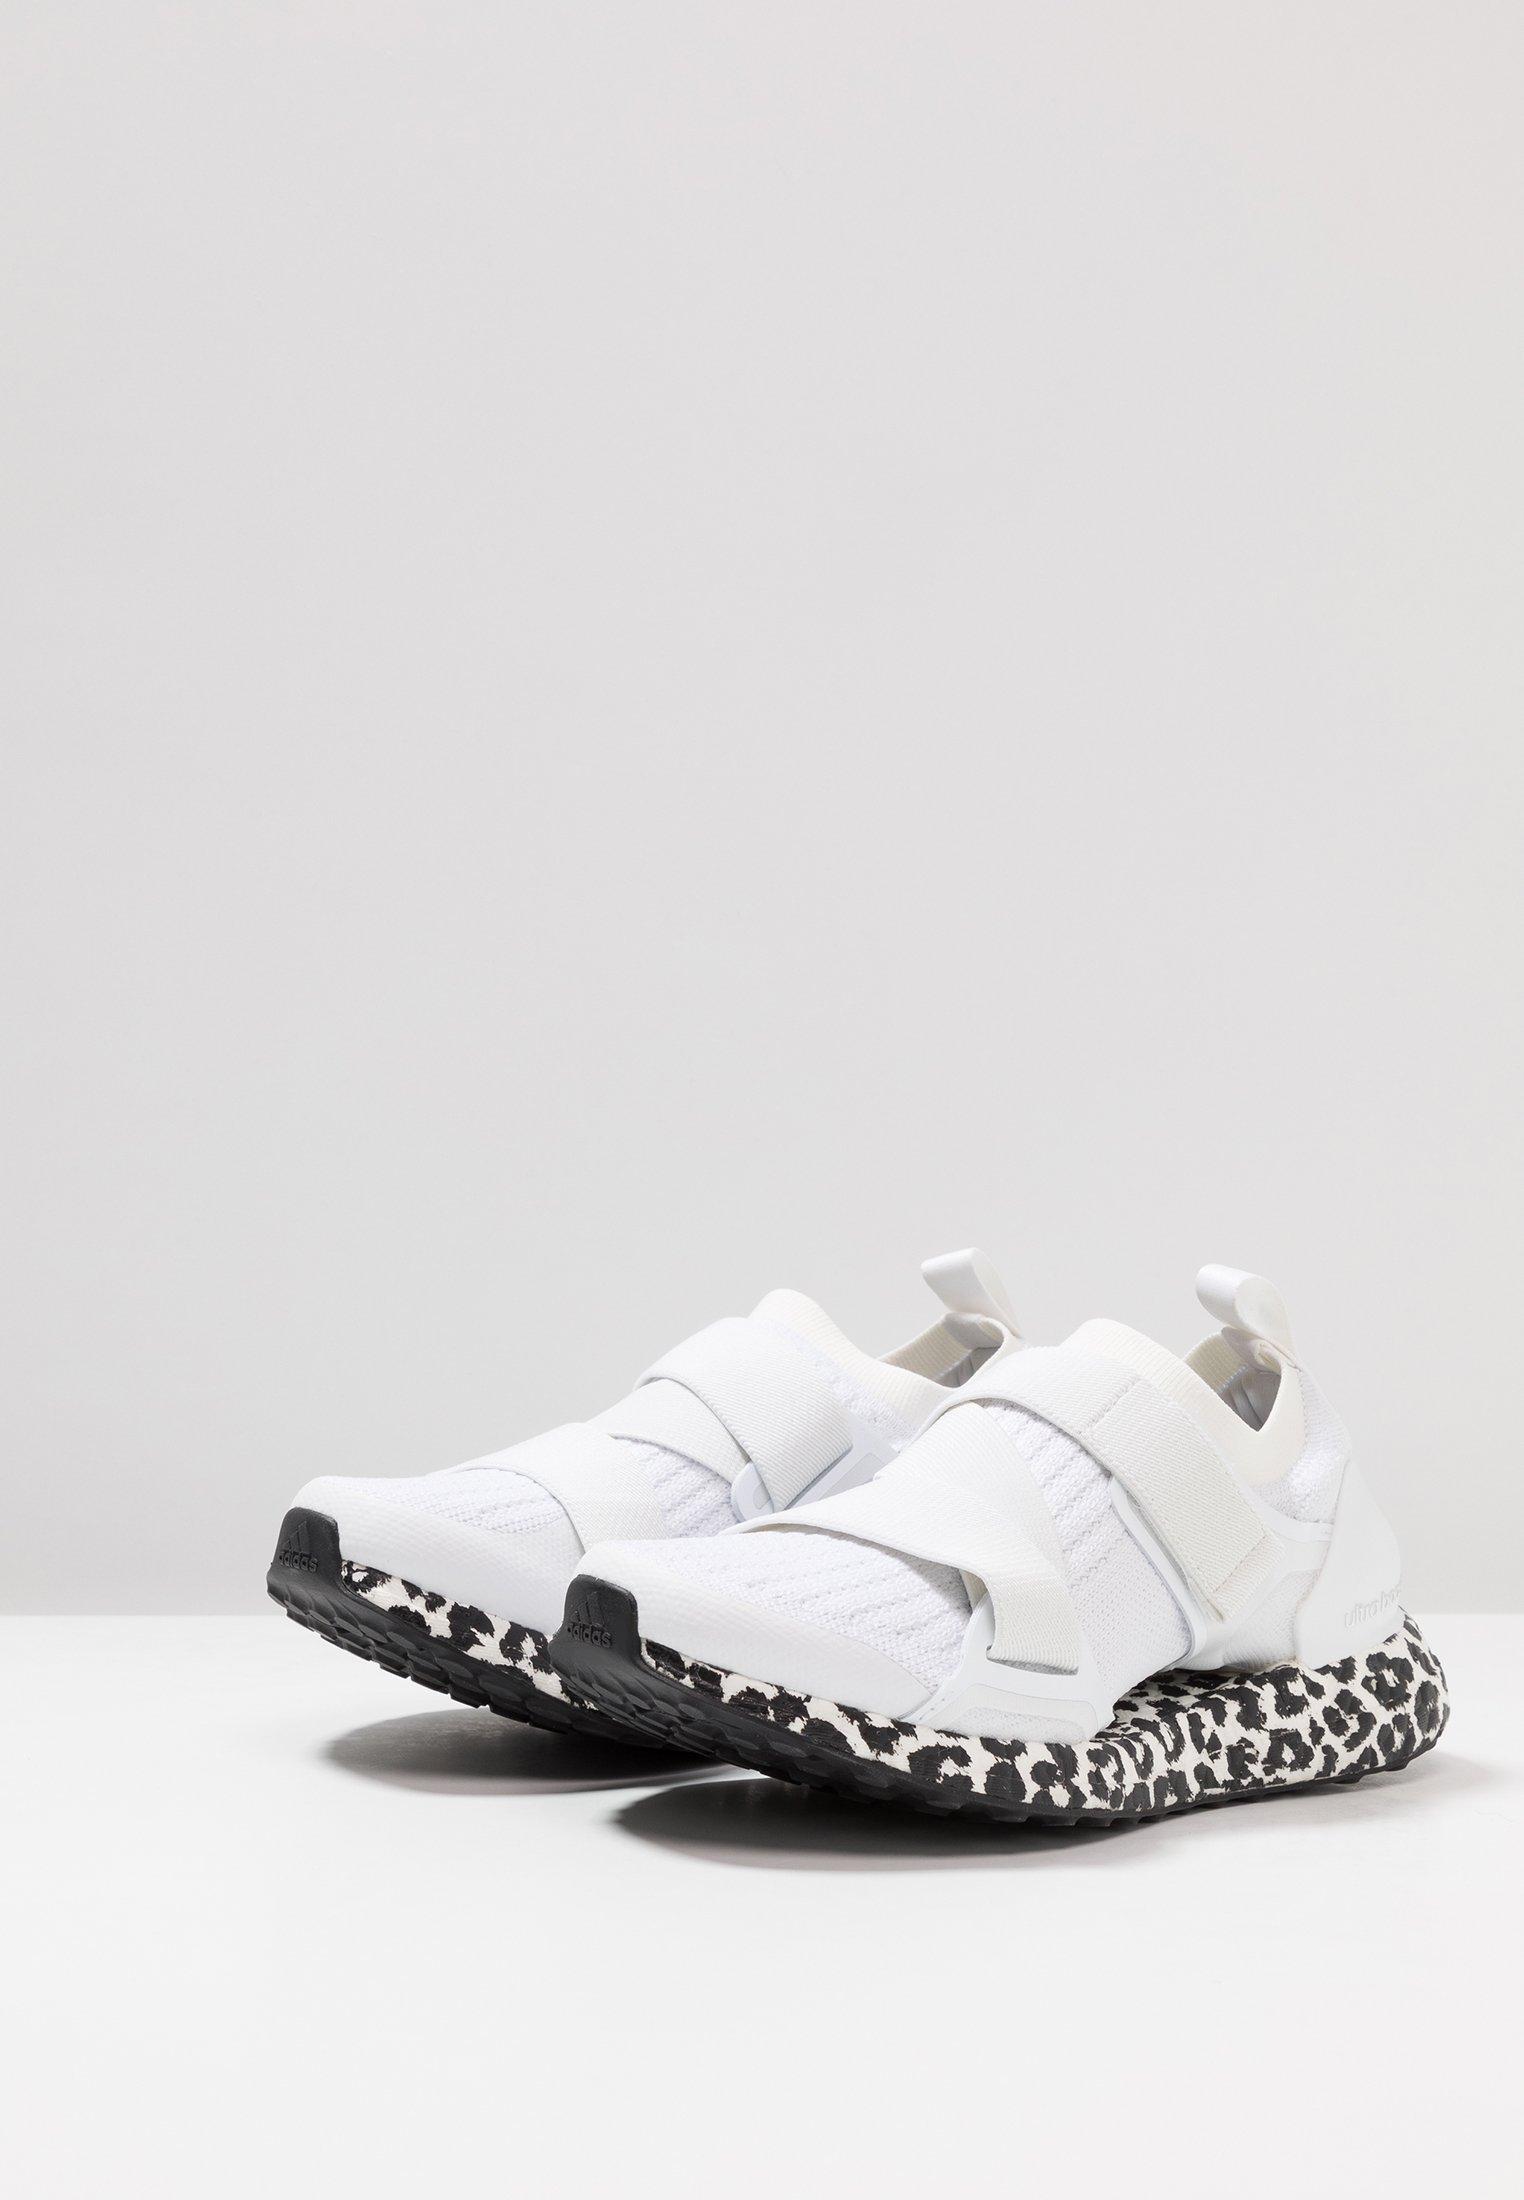 Adidas By Stella Mccartney Ultra Boost X S. - Neutrale Løbesko Footwear White/core Black